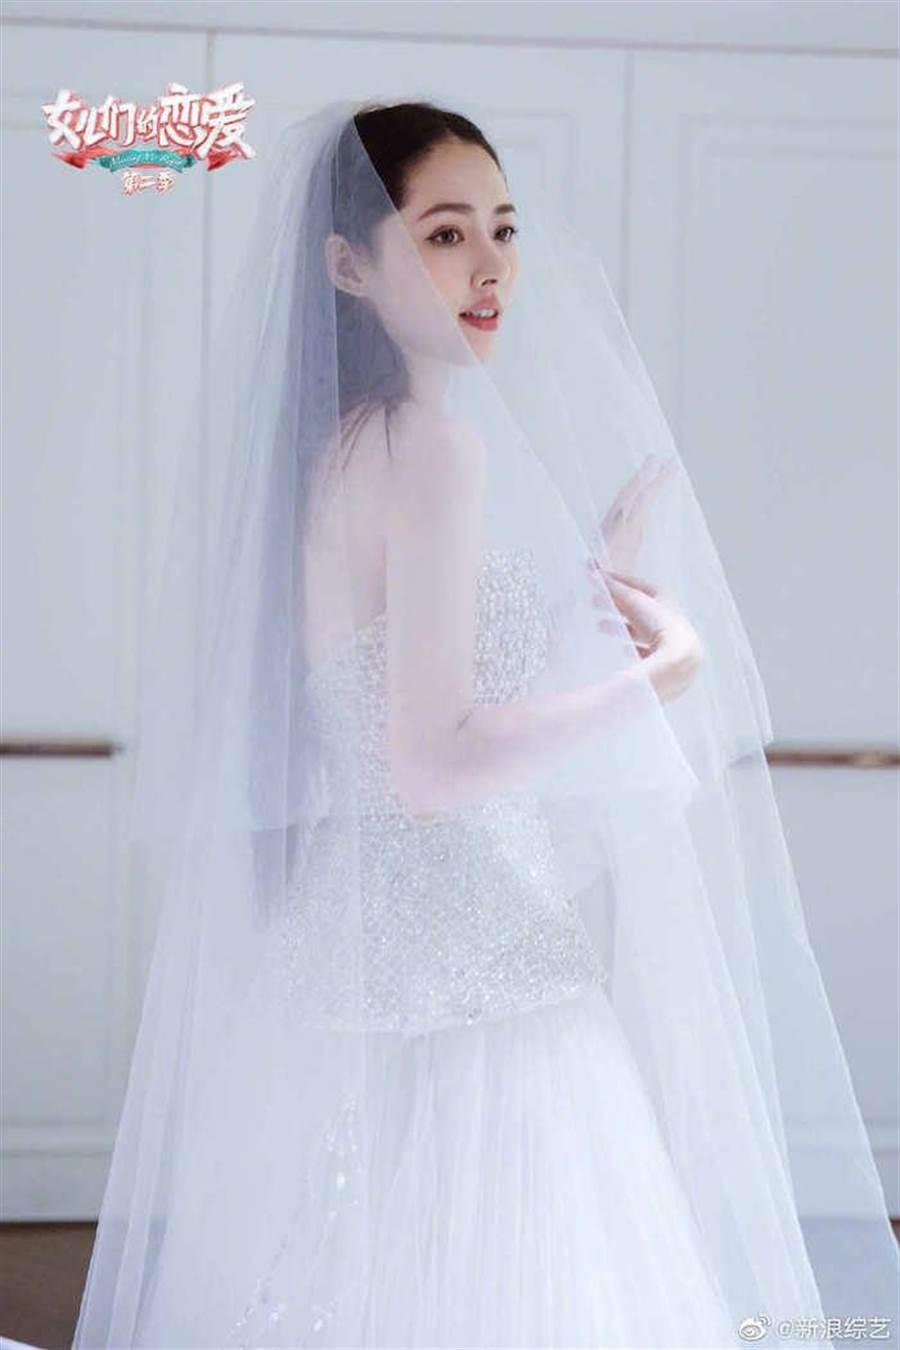 待嫁新娘。取自微博